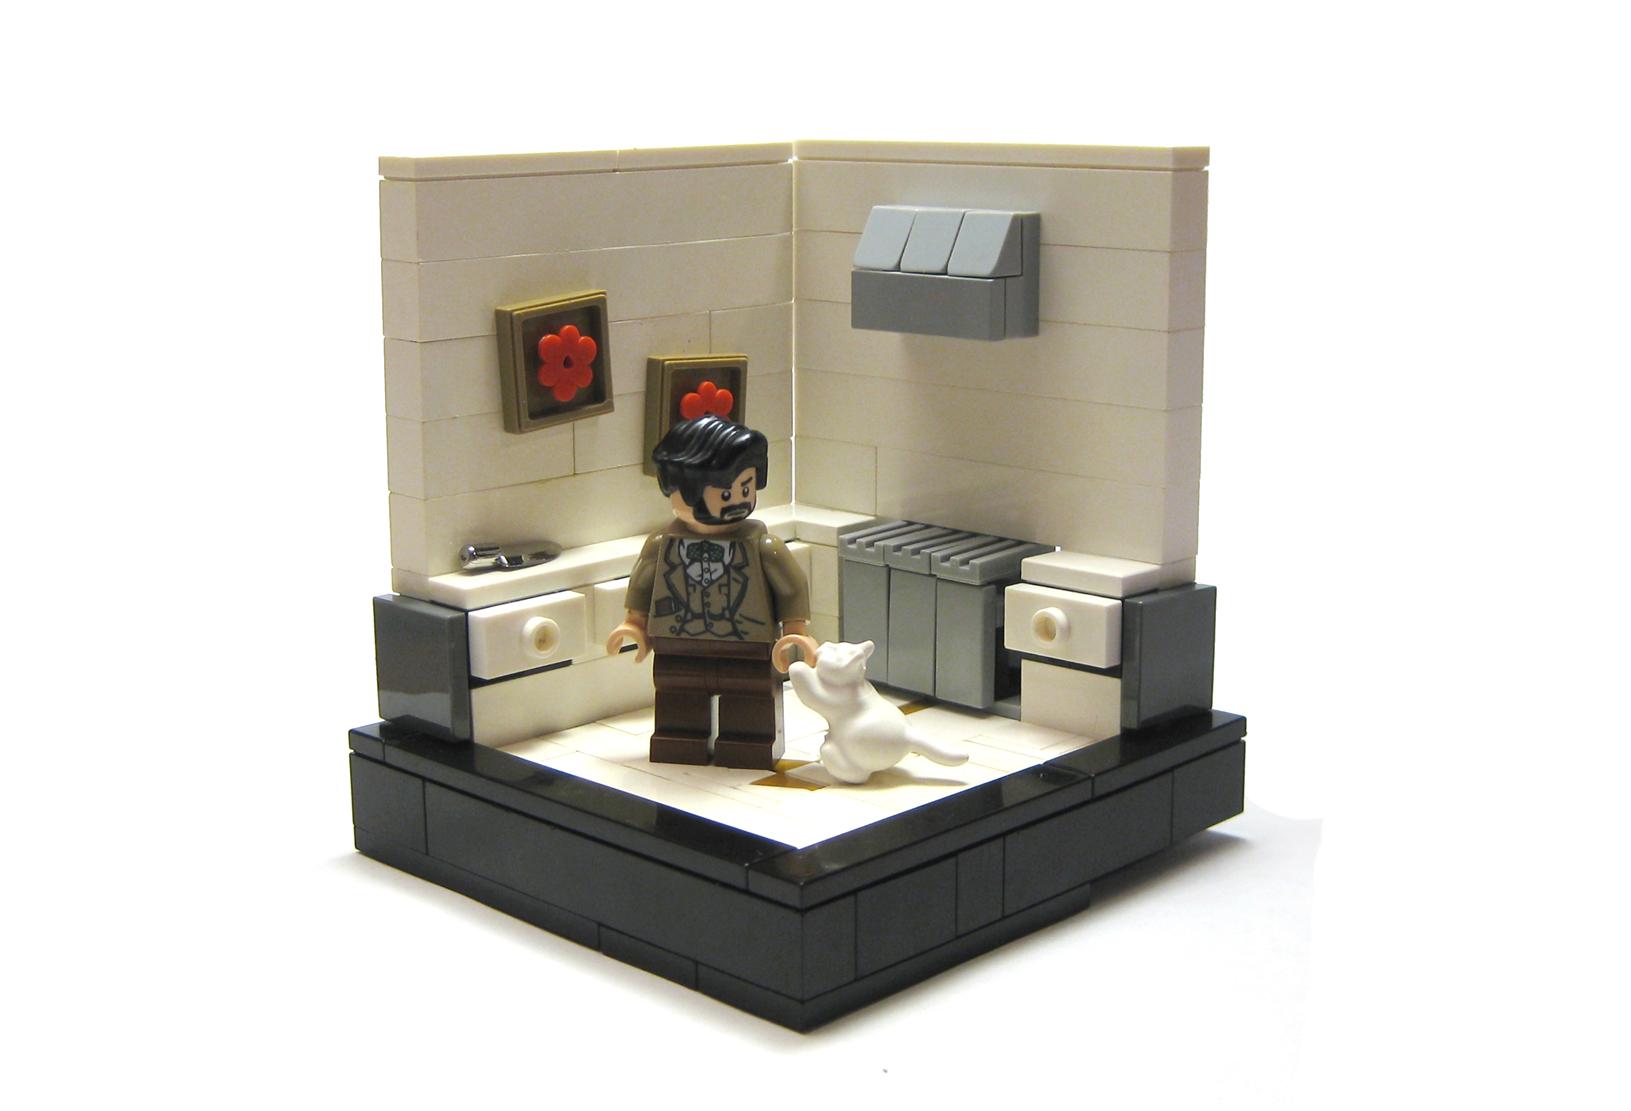 hintergrundbilder katze lego k che netzwerk vignette wettbewerb m bel produkt lcn. Black Bedroom Furniture Sets. Home Design Ideas